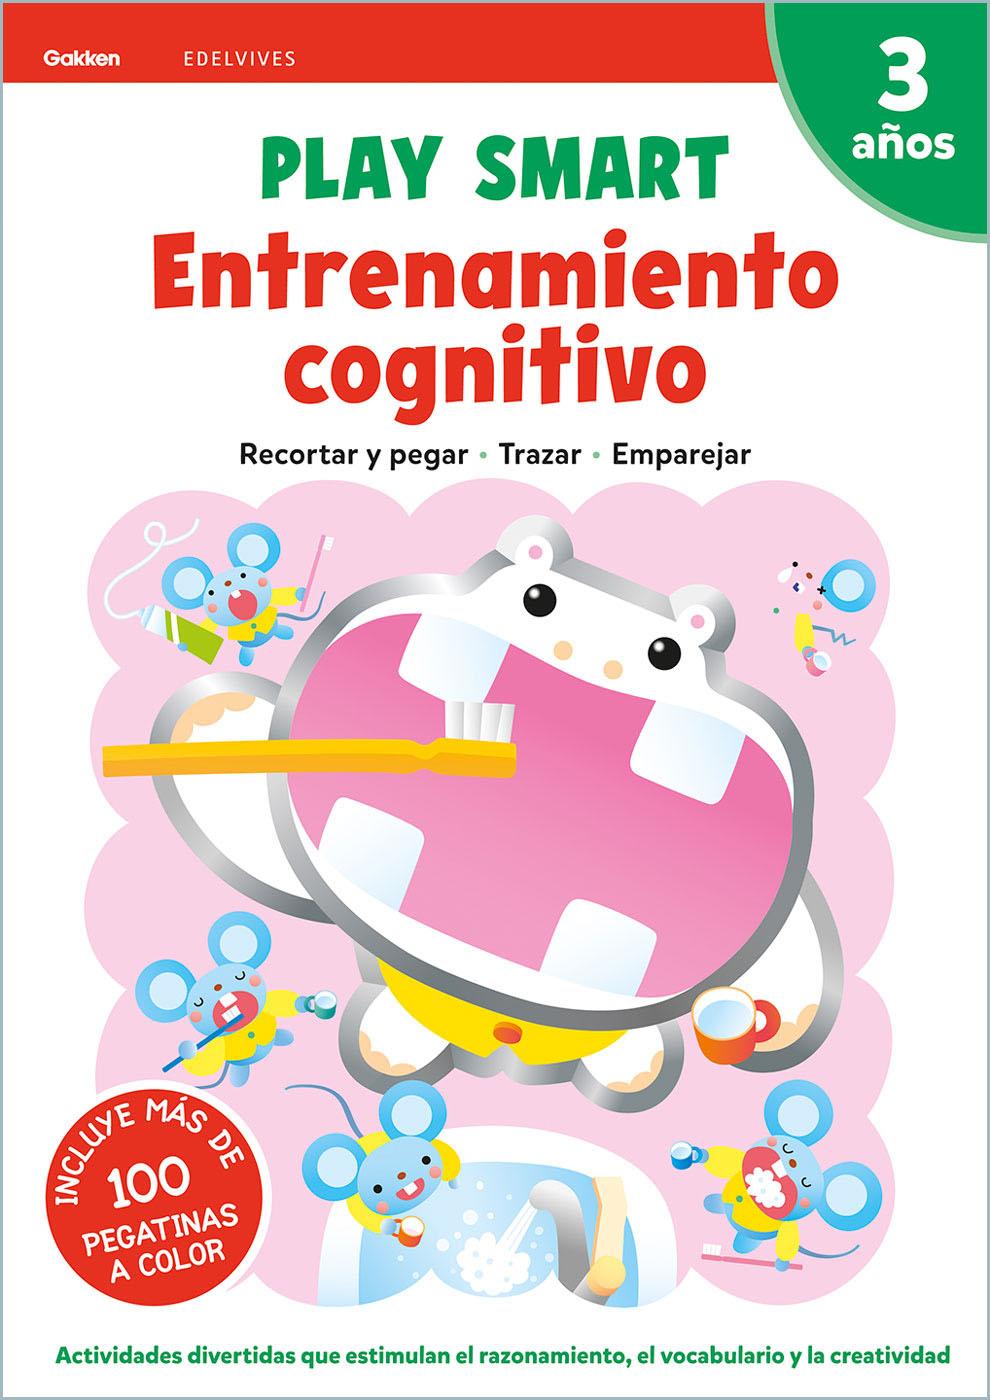 Entrenamiento cognitivo Playsmart